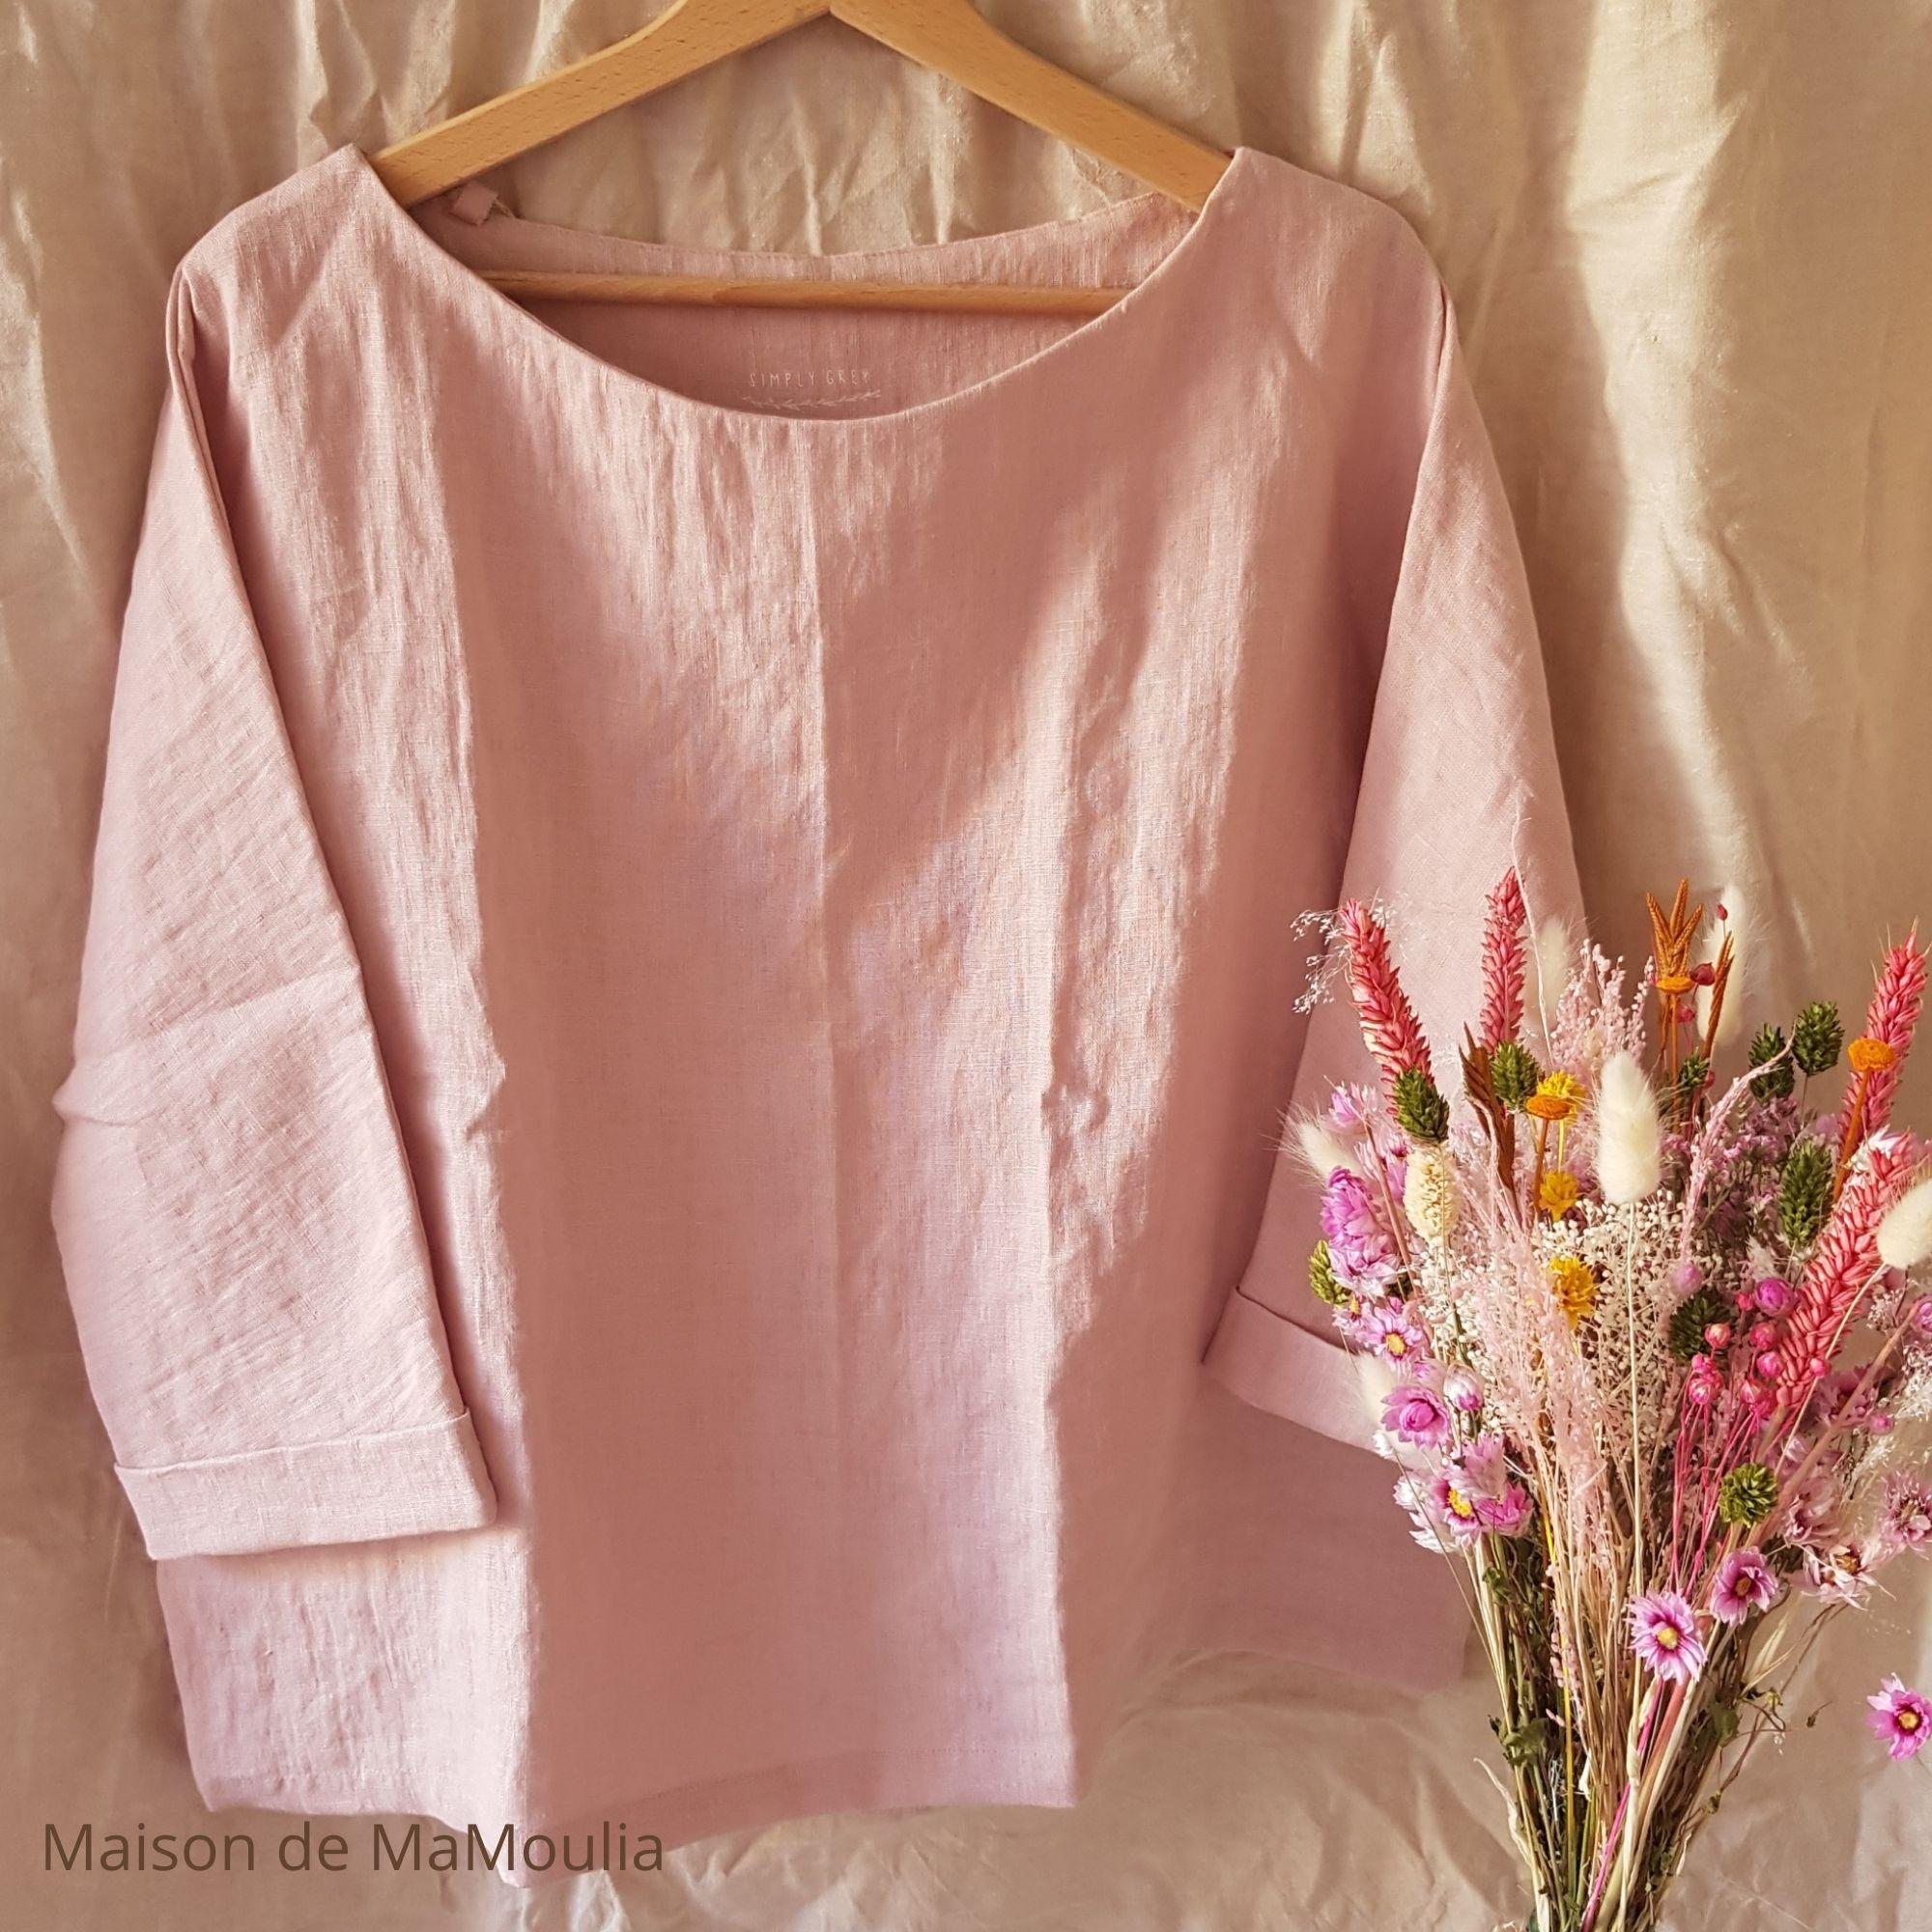 SIMPLY GREY - Blouse oversize - Manches 3/4 - pour femme - 100% lin lavé - Rose pale